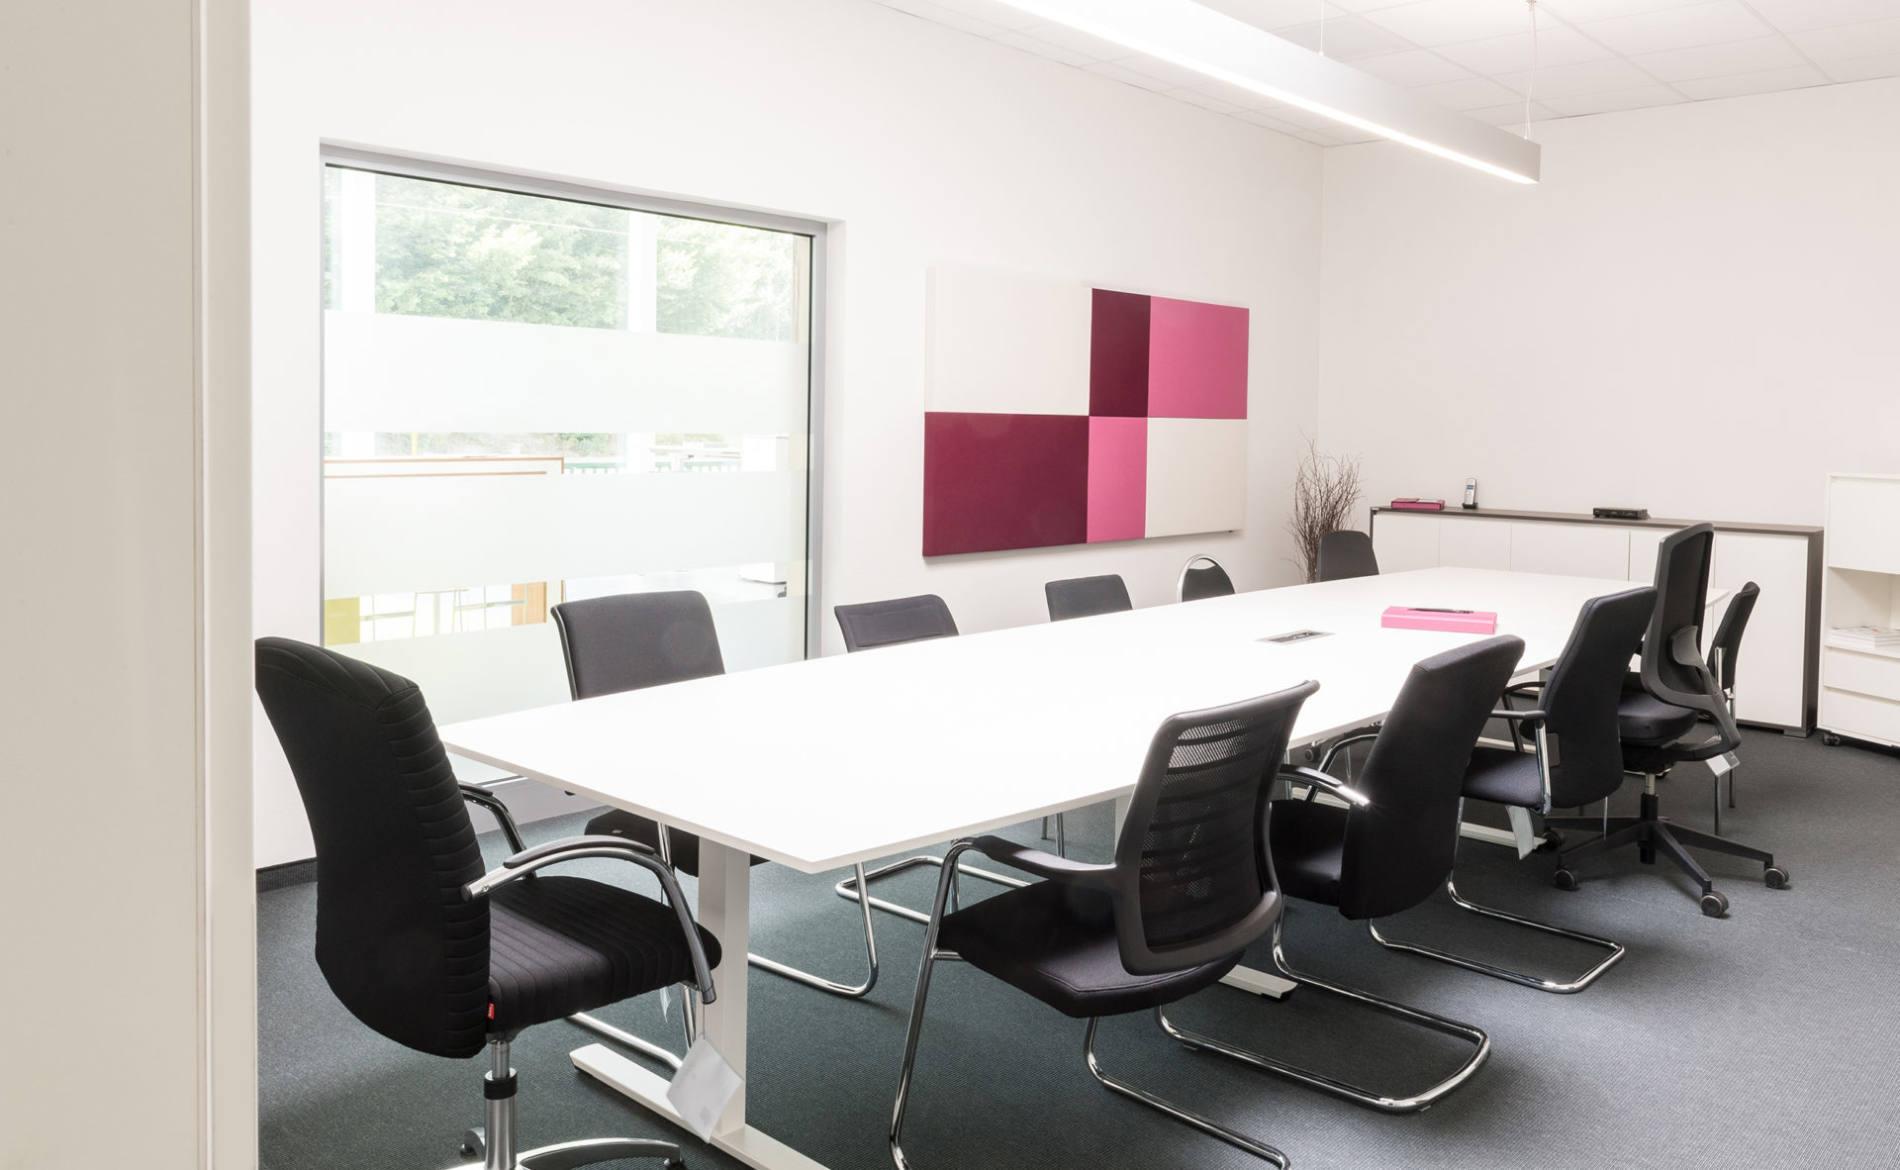 Konferenztisch mit verschiedenen Besprechungsstühlen